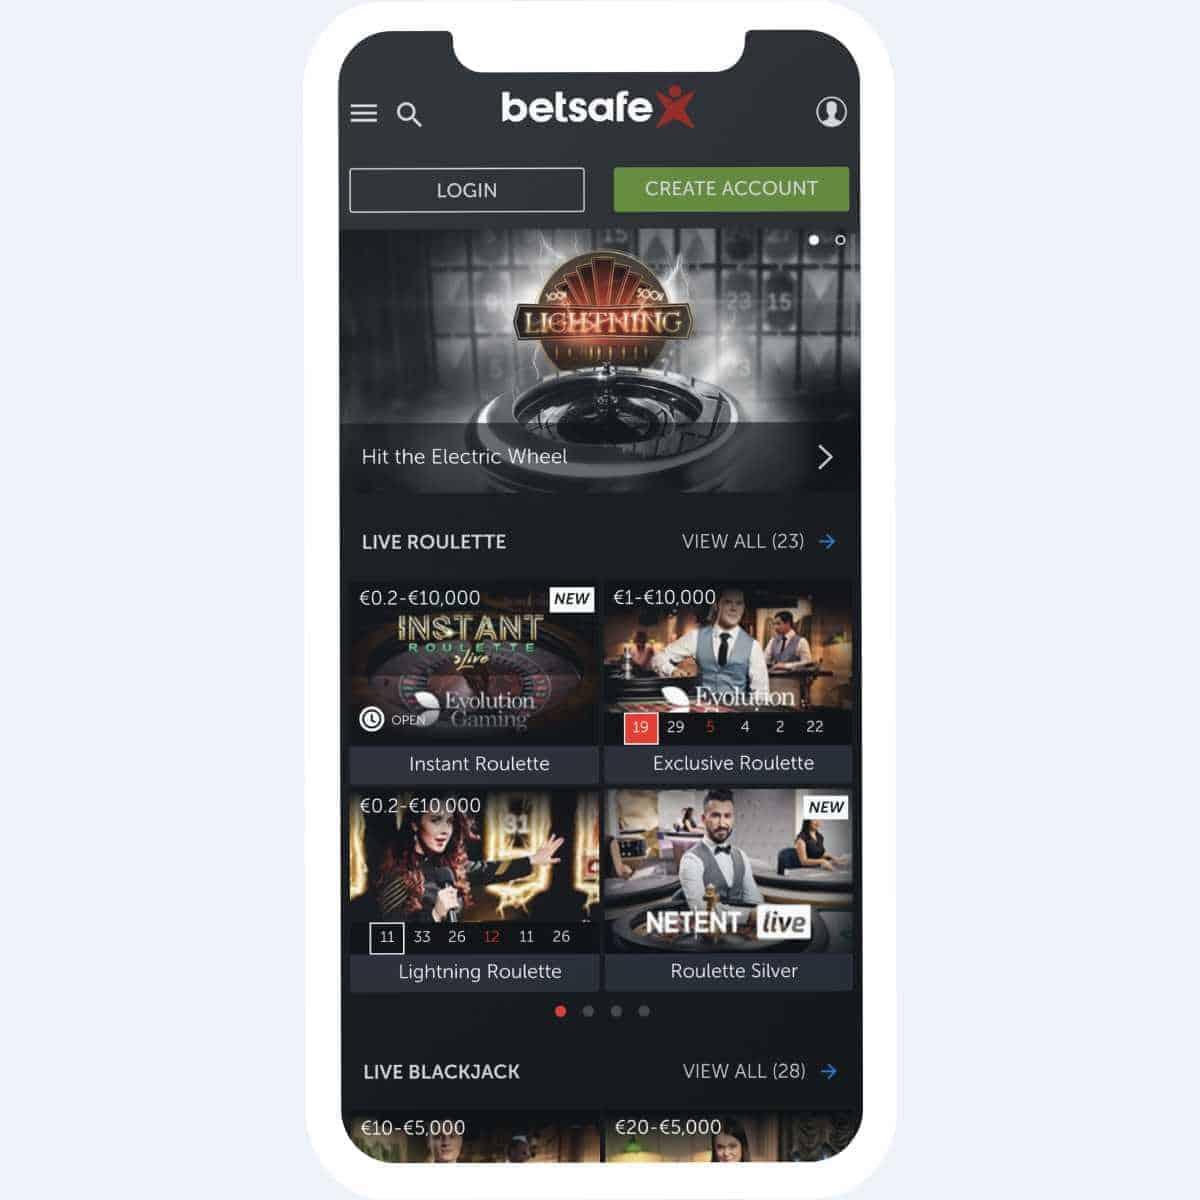 betsafe games mobile